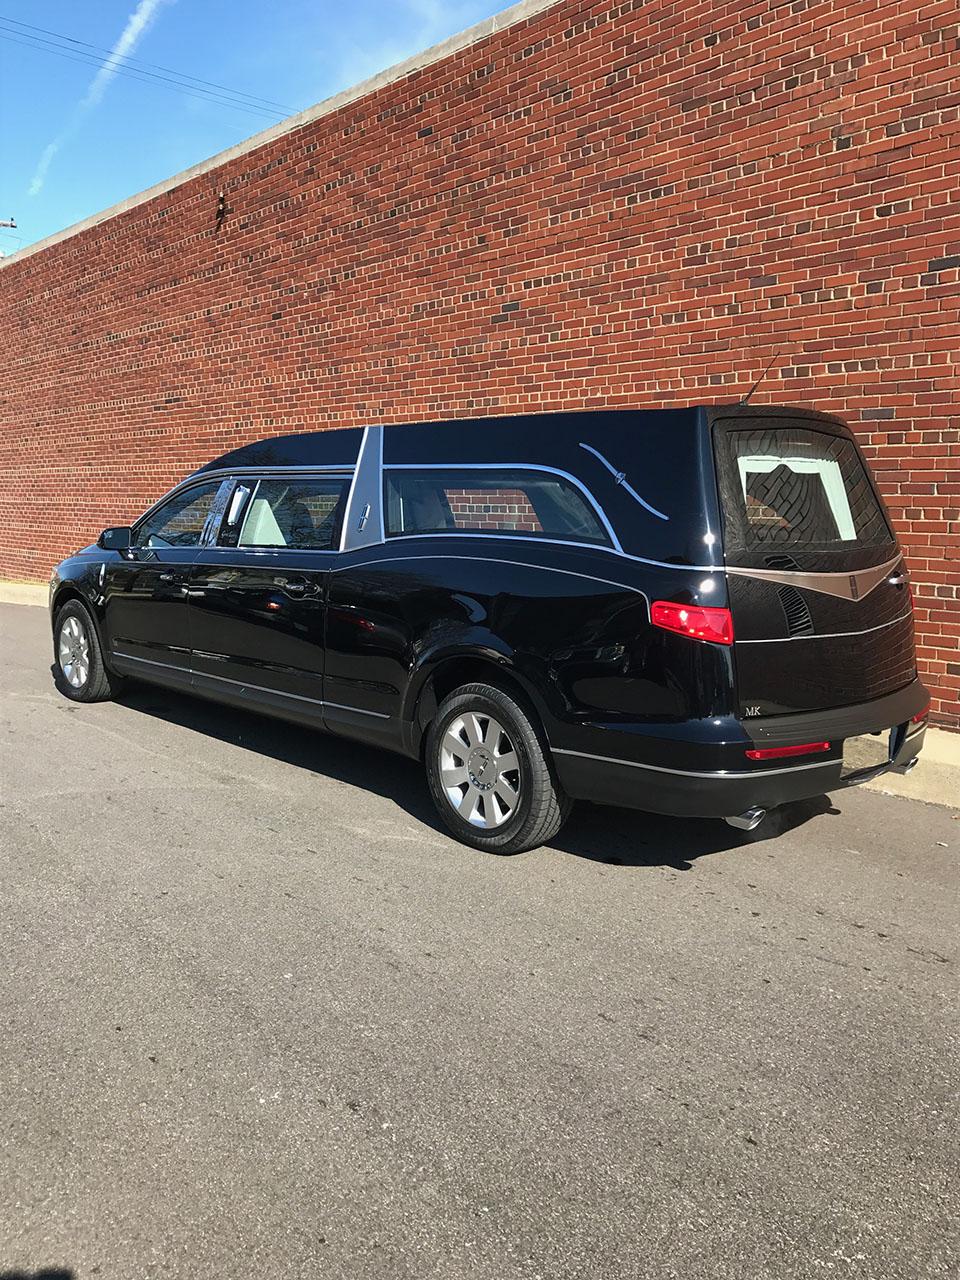 2017 Lincoln Mk Grand Legacy Hearse